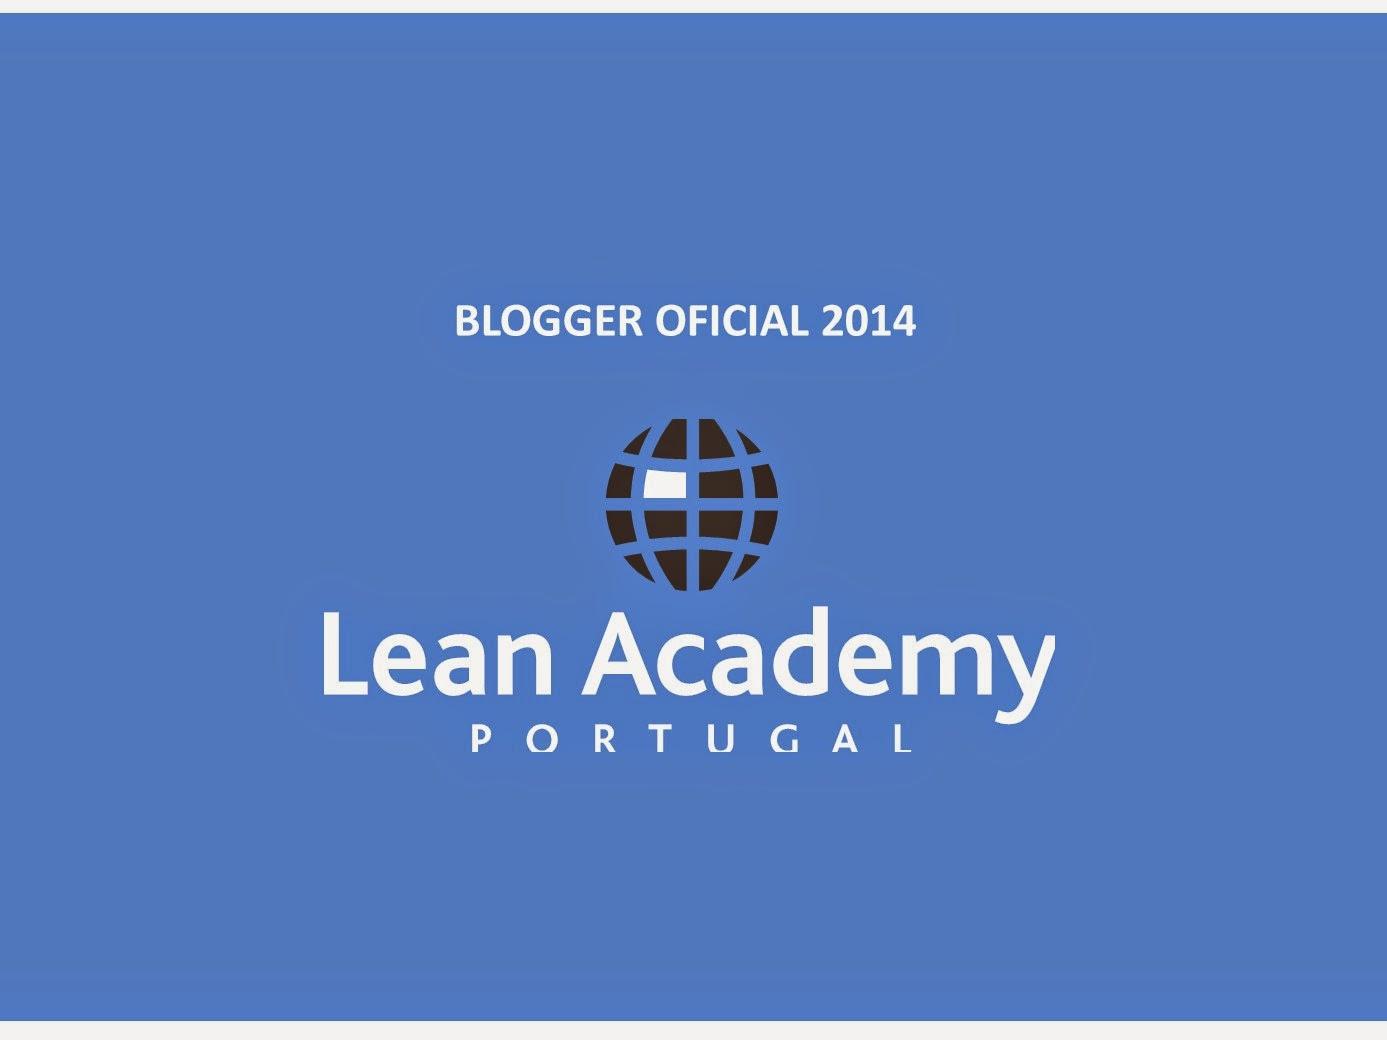 Blogger oficial '2014